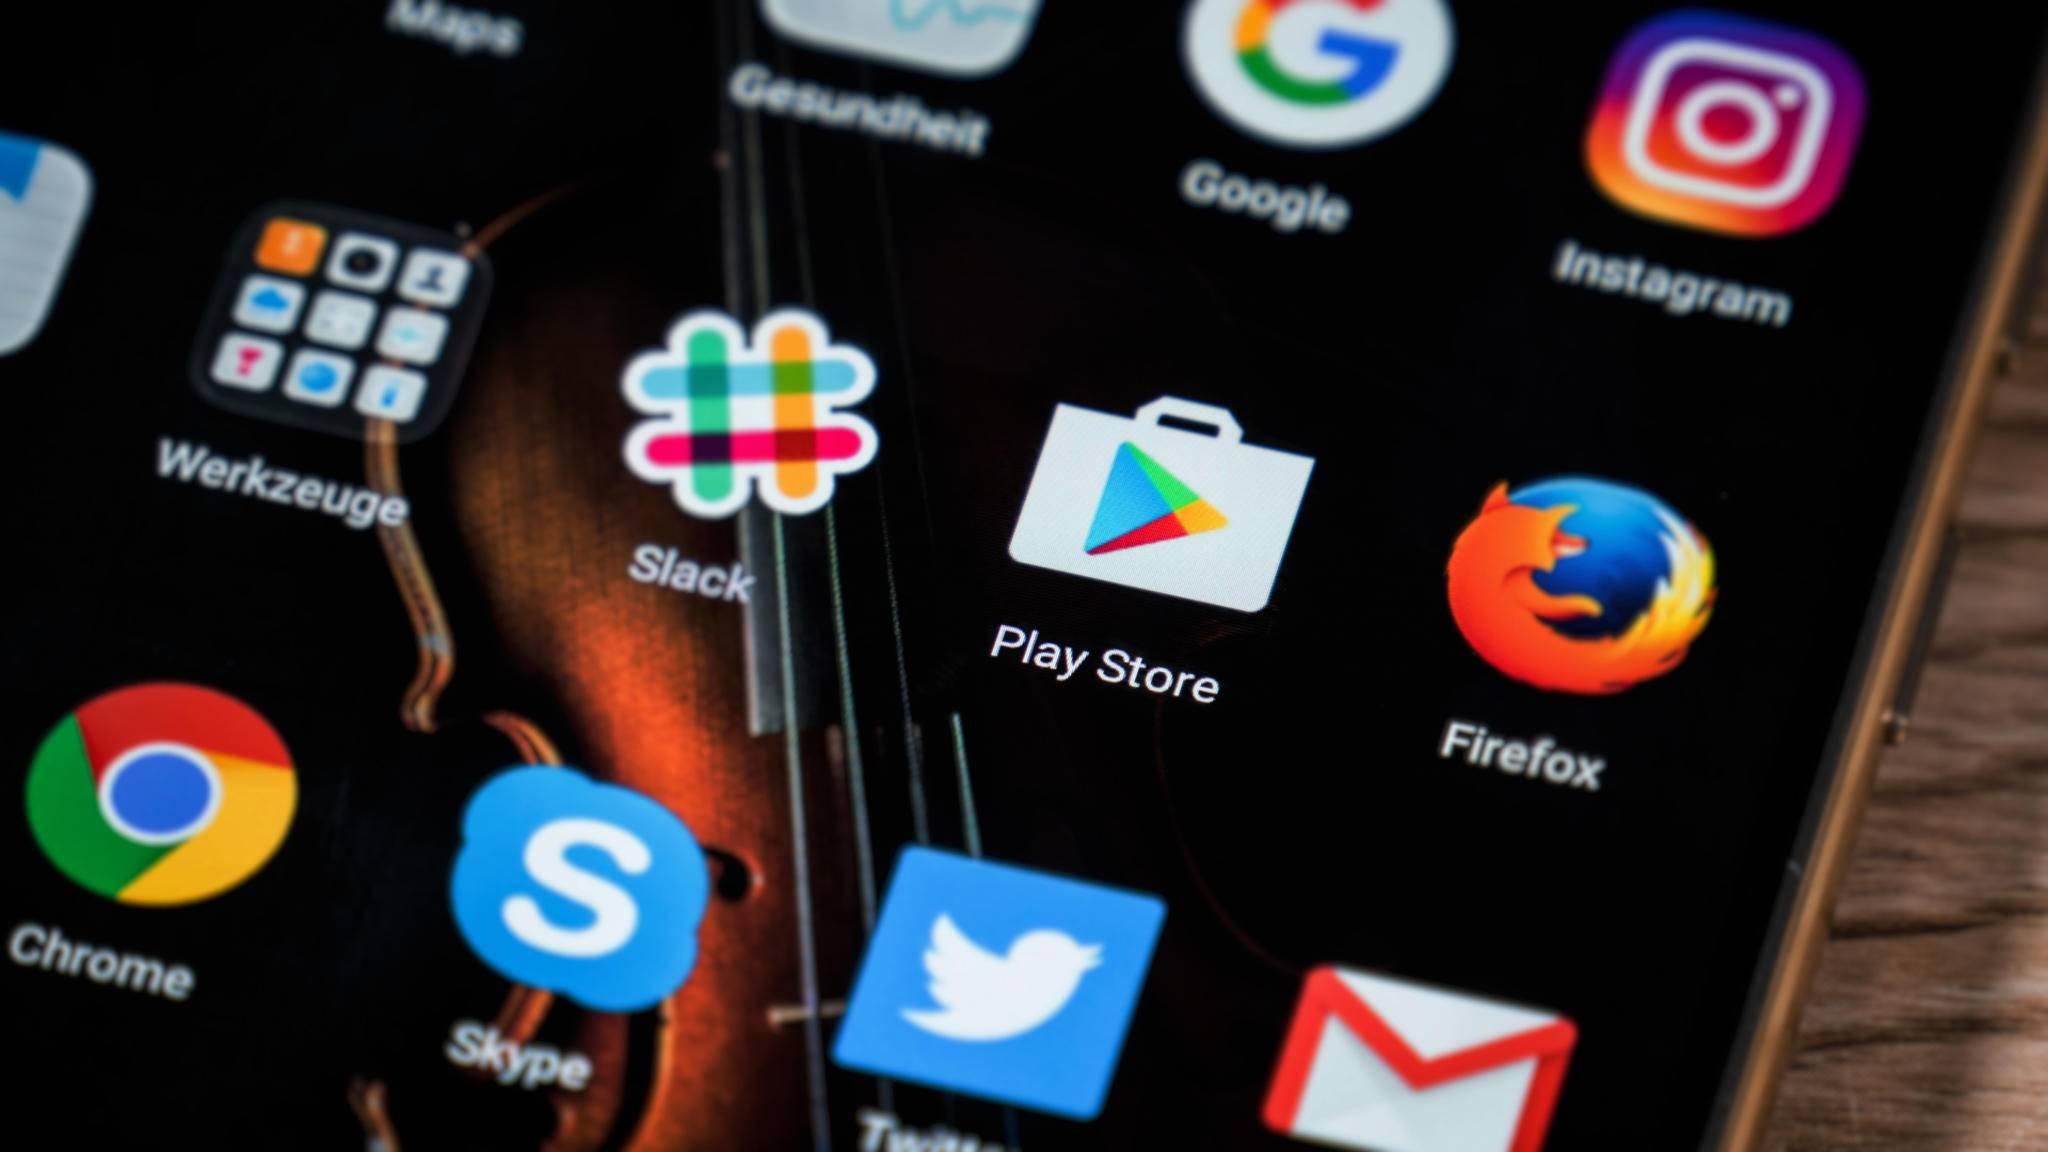 Aufgrund von mangelndem Datenschutz könnte der Play Store bald um Millionen Apps erleichtert werden.